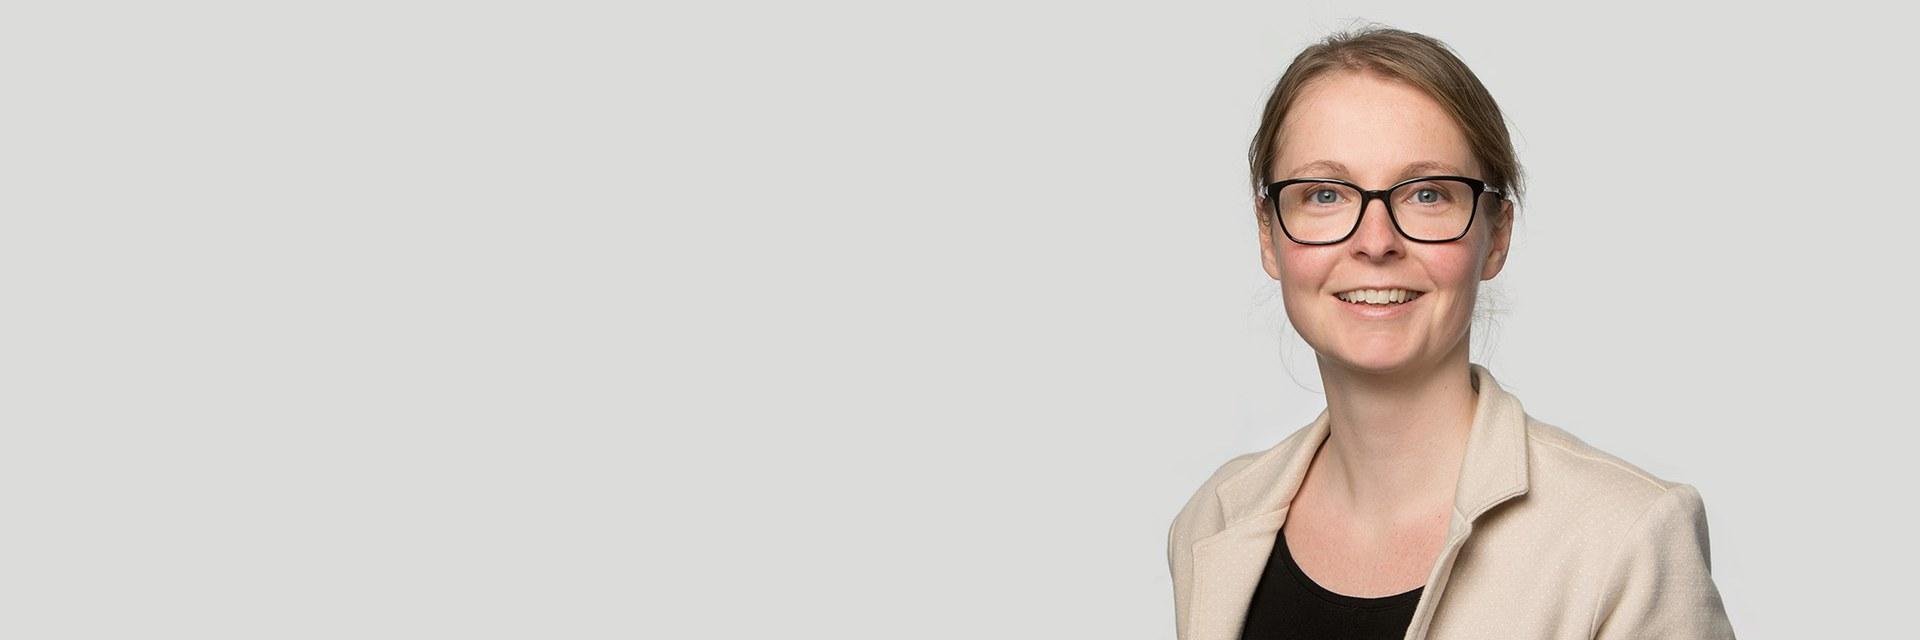 Dr. Simone Girard-Groeber